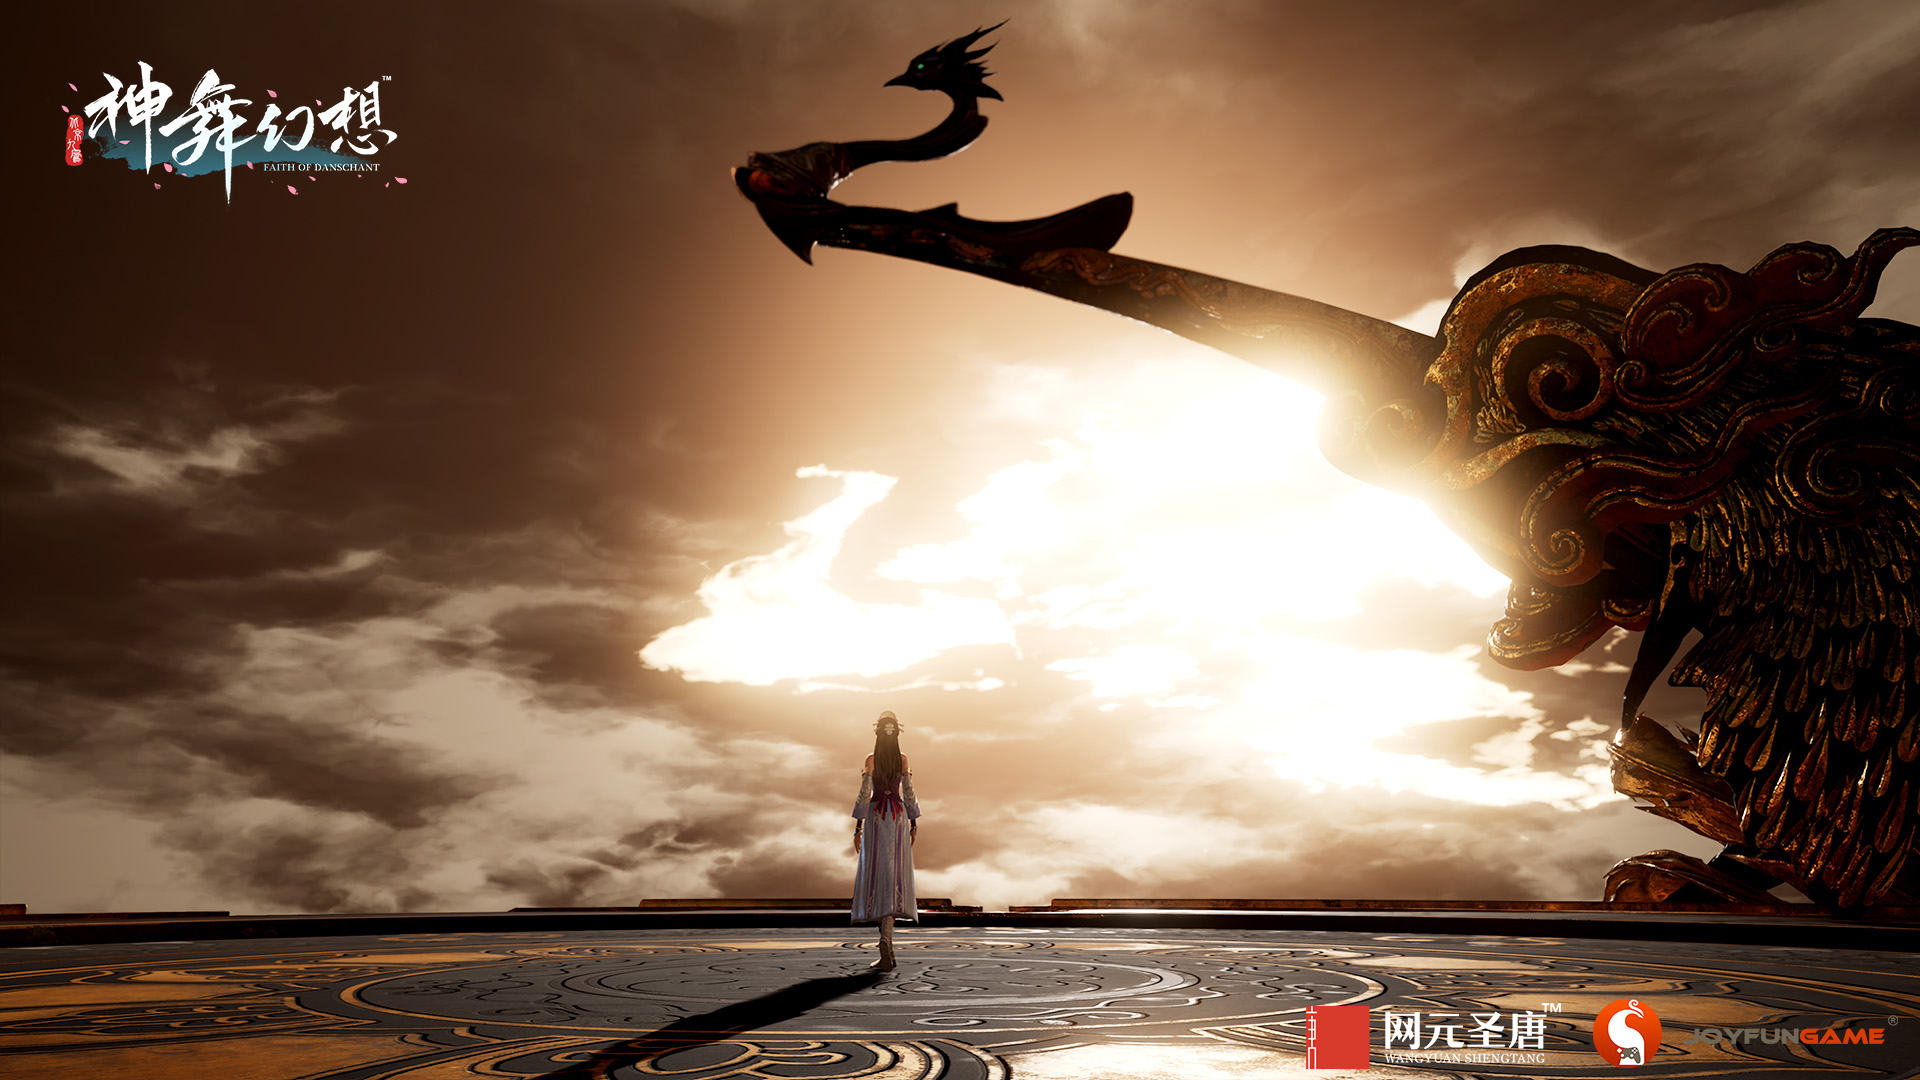 网元圣唐将推出《古剑奇谭》动画片 还有全新周边书籍